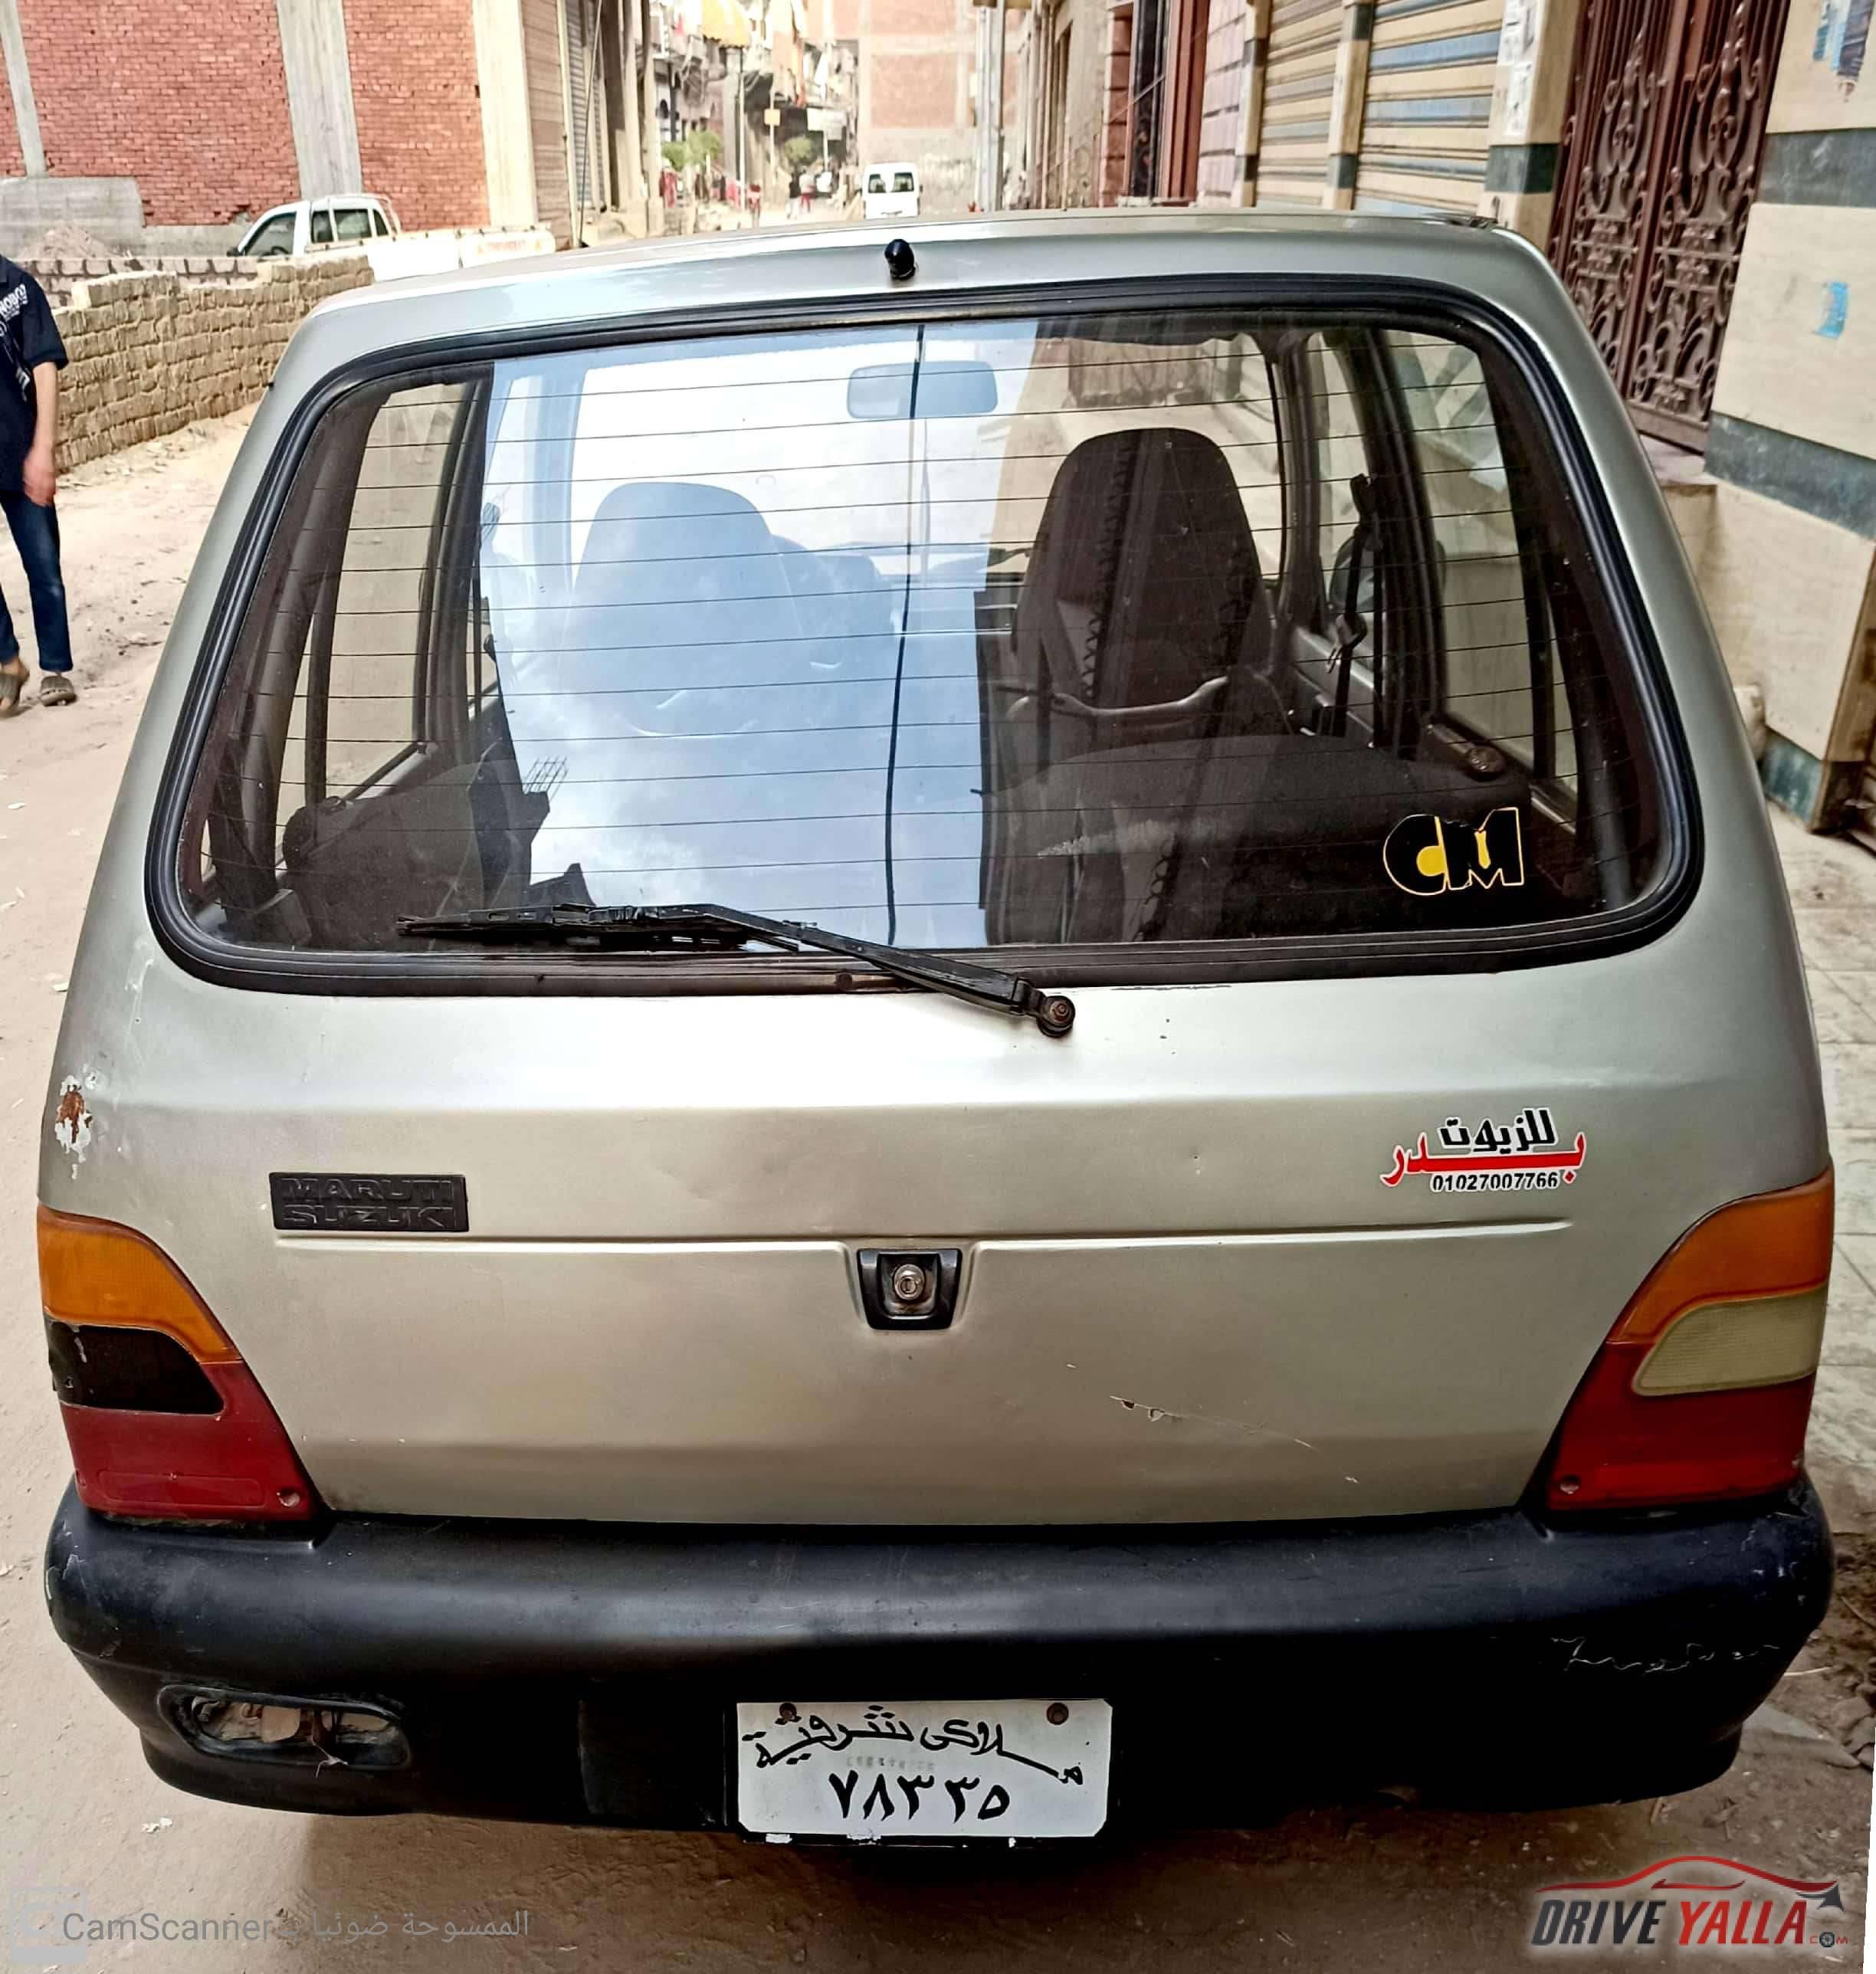 سوزوكي ماروتى مستعملة للبيع فى مصر 2007